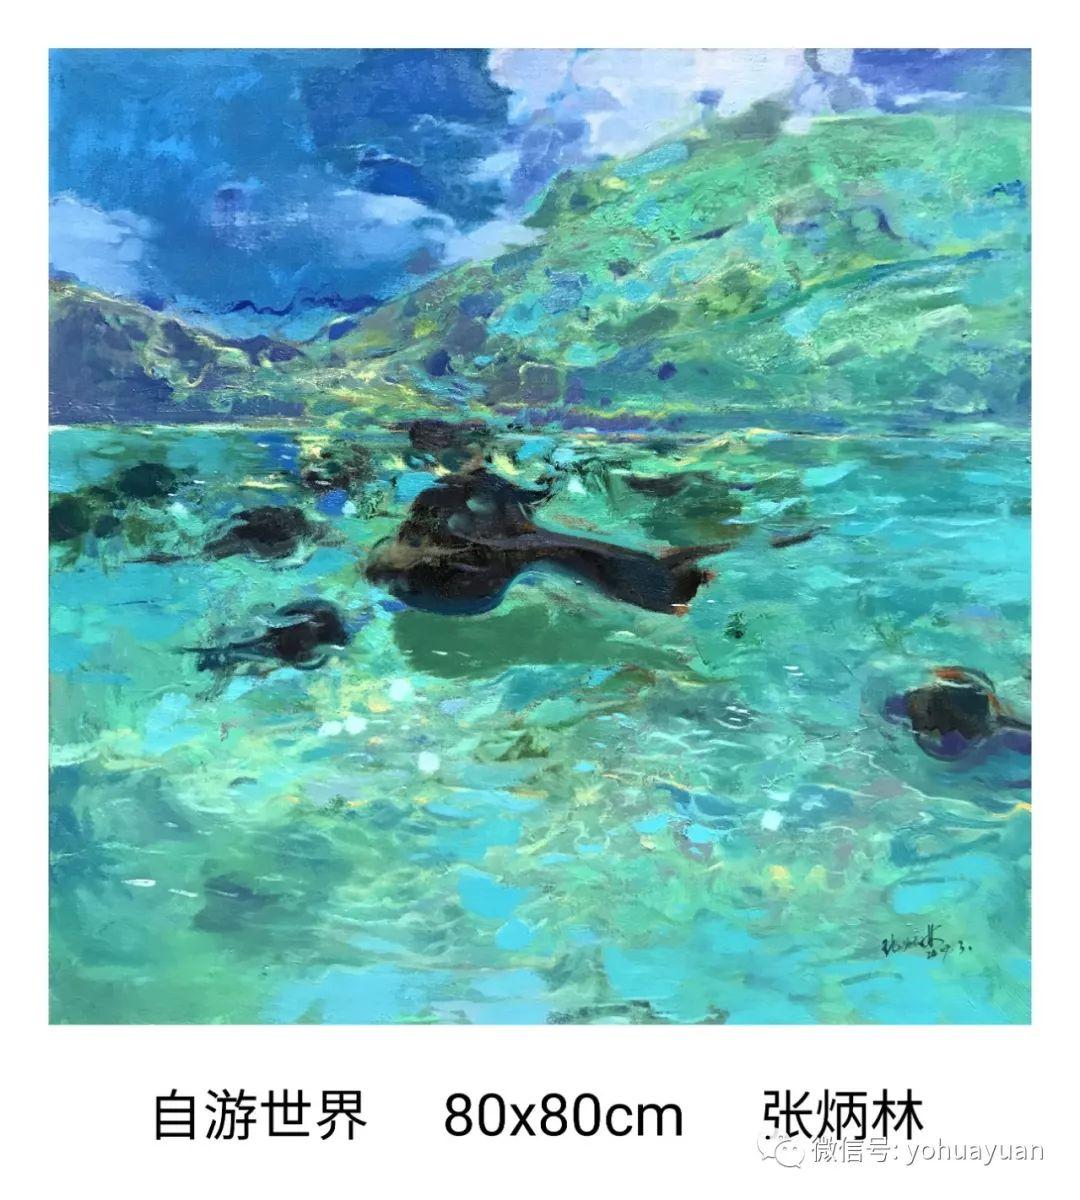 油画作品拍卖(内蒙古草原写生) 第67张 油画作品拍卖(内蒙古草原写生) 蒙古画廊